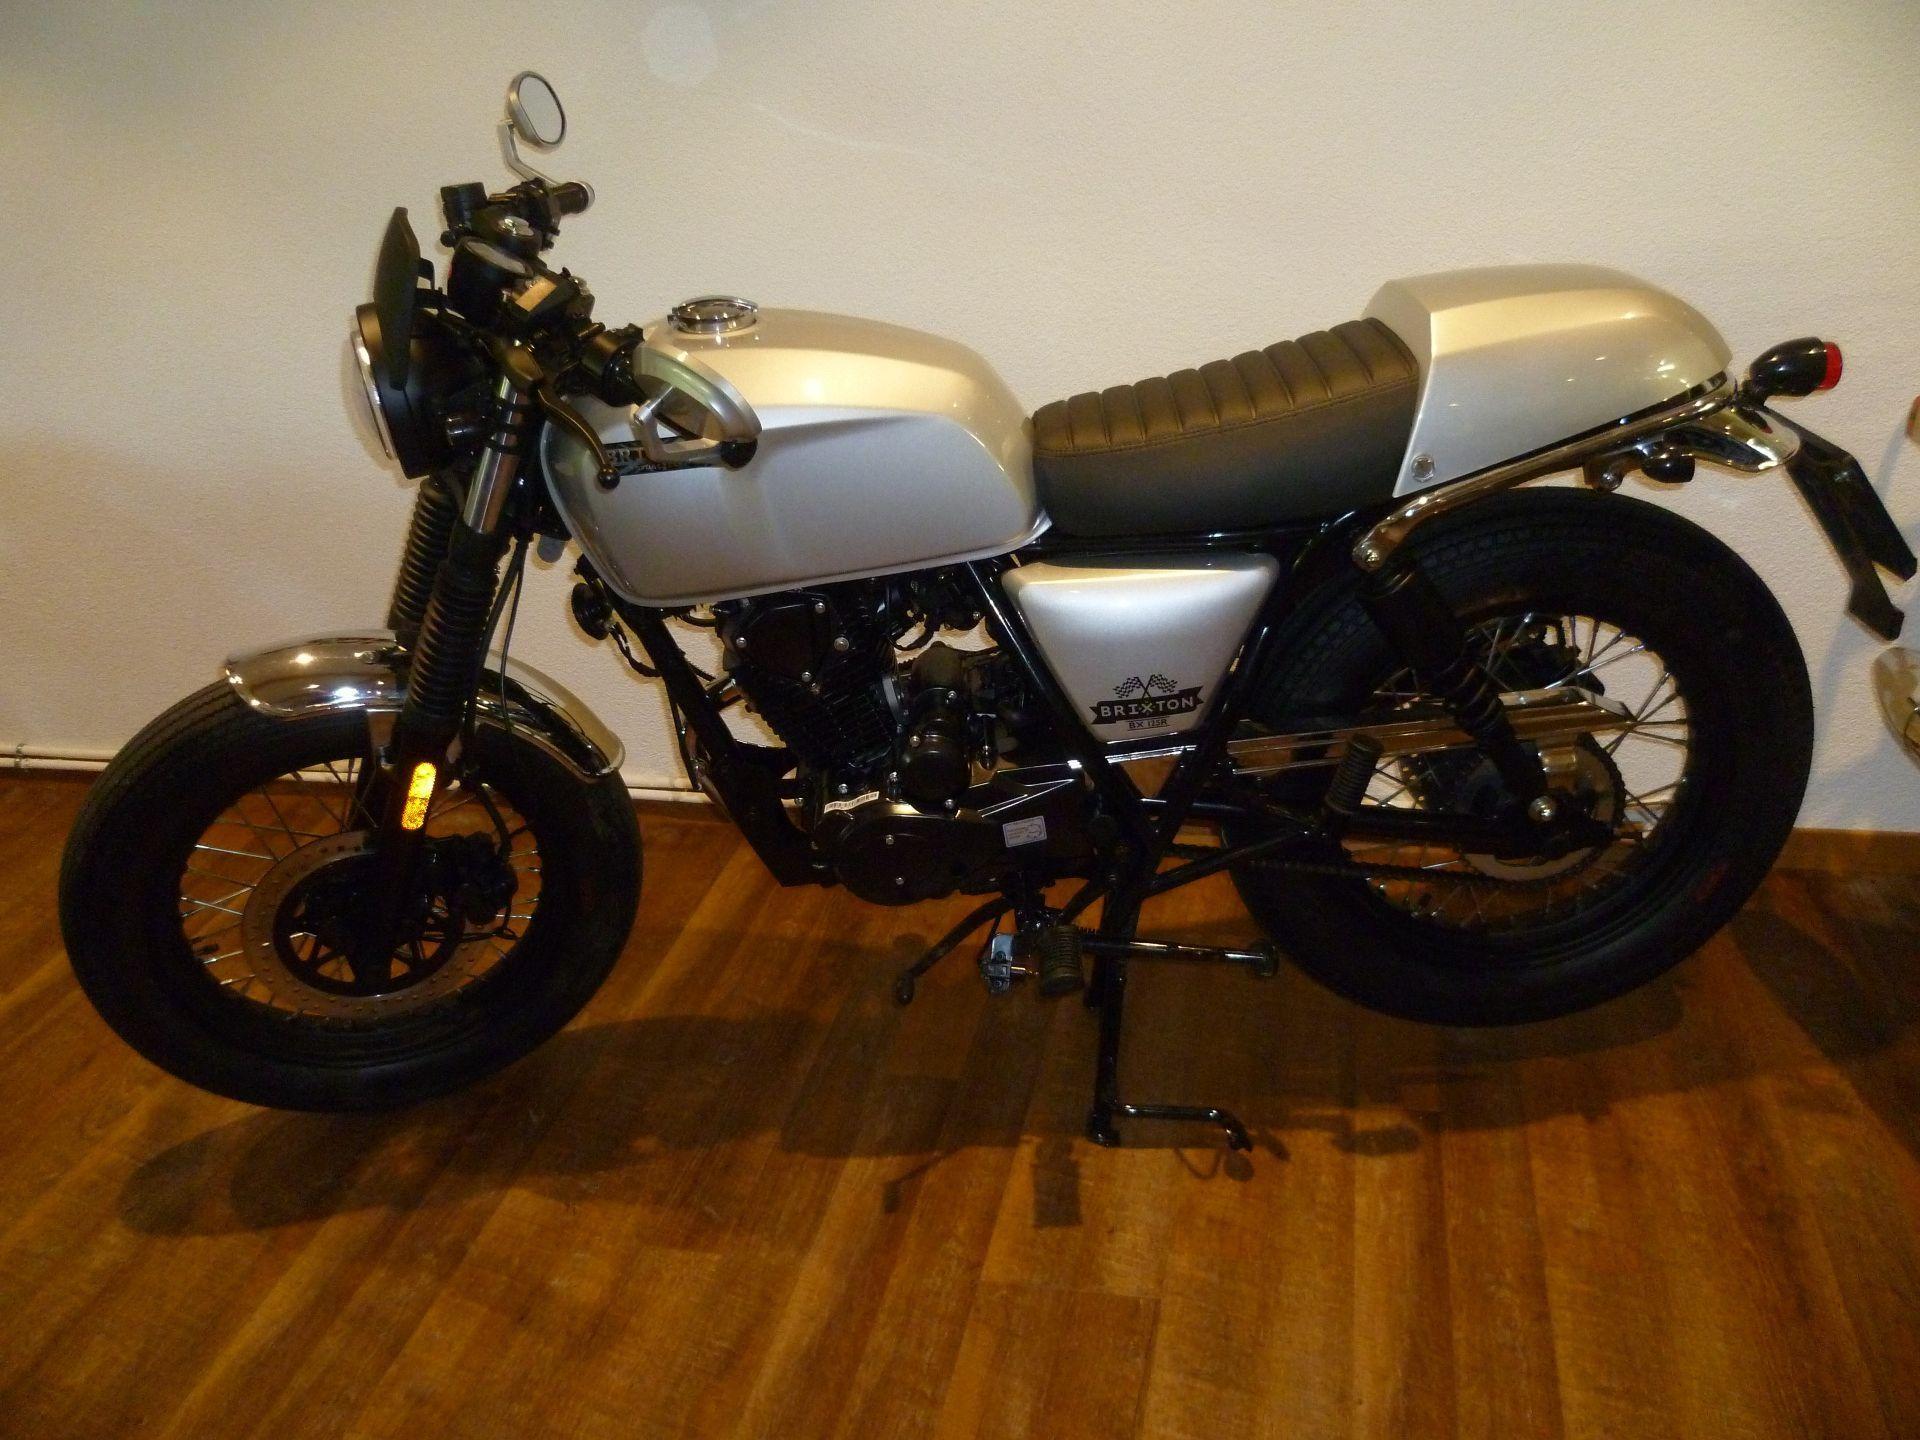 buy motorbike new vehicle bike brixton bx 125 r cafe racer 2 rad center boller forch. Black Bedroom Furniture Sets. Home Design Ideas